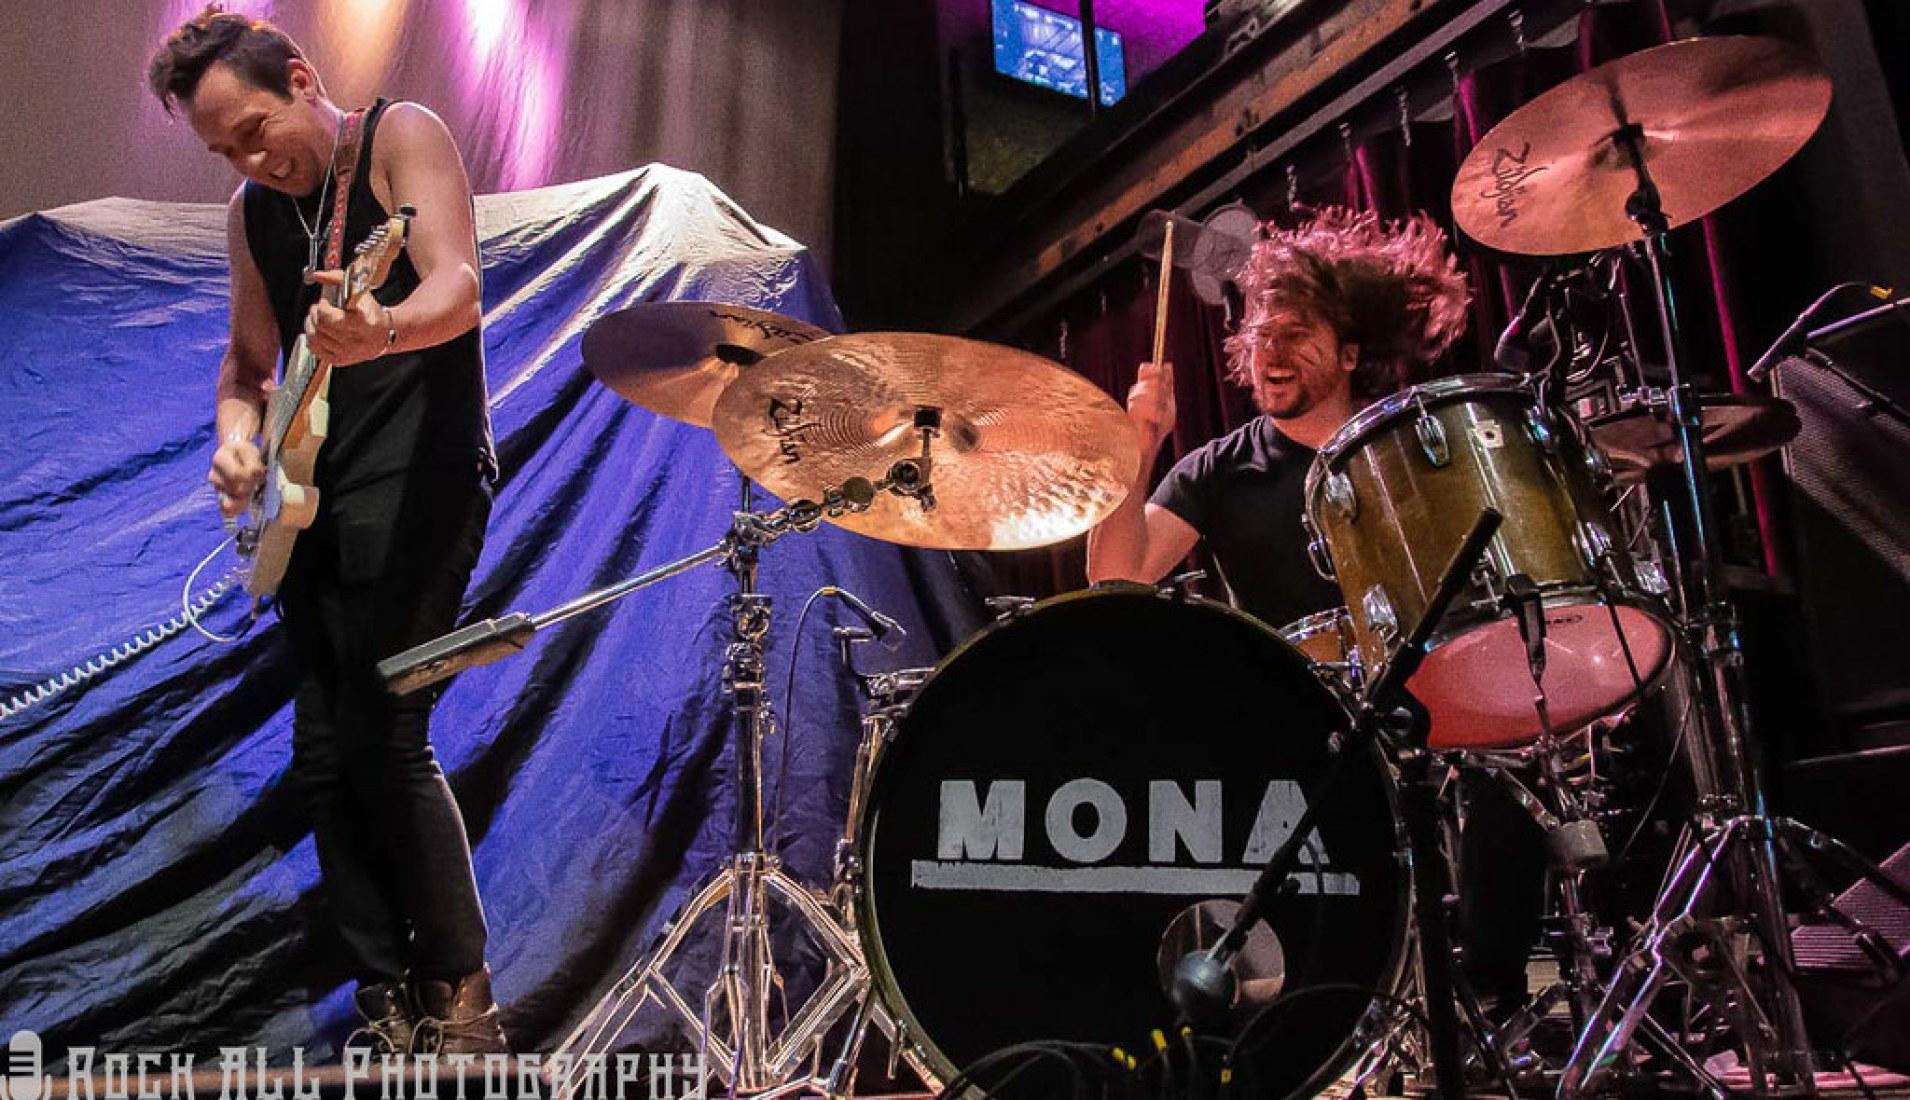 Mona-15 (1 of 1)